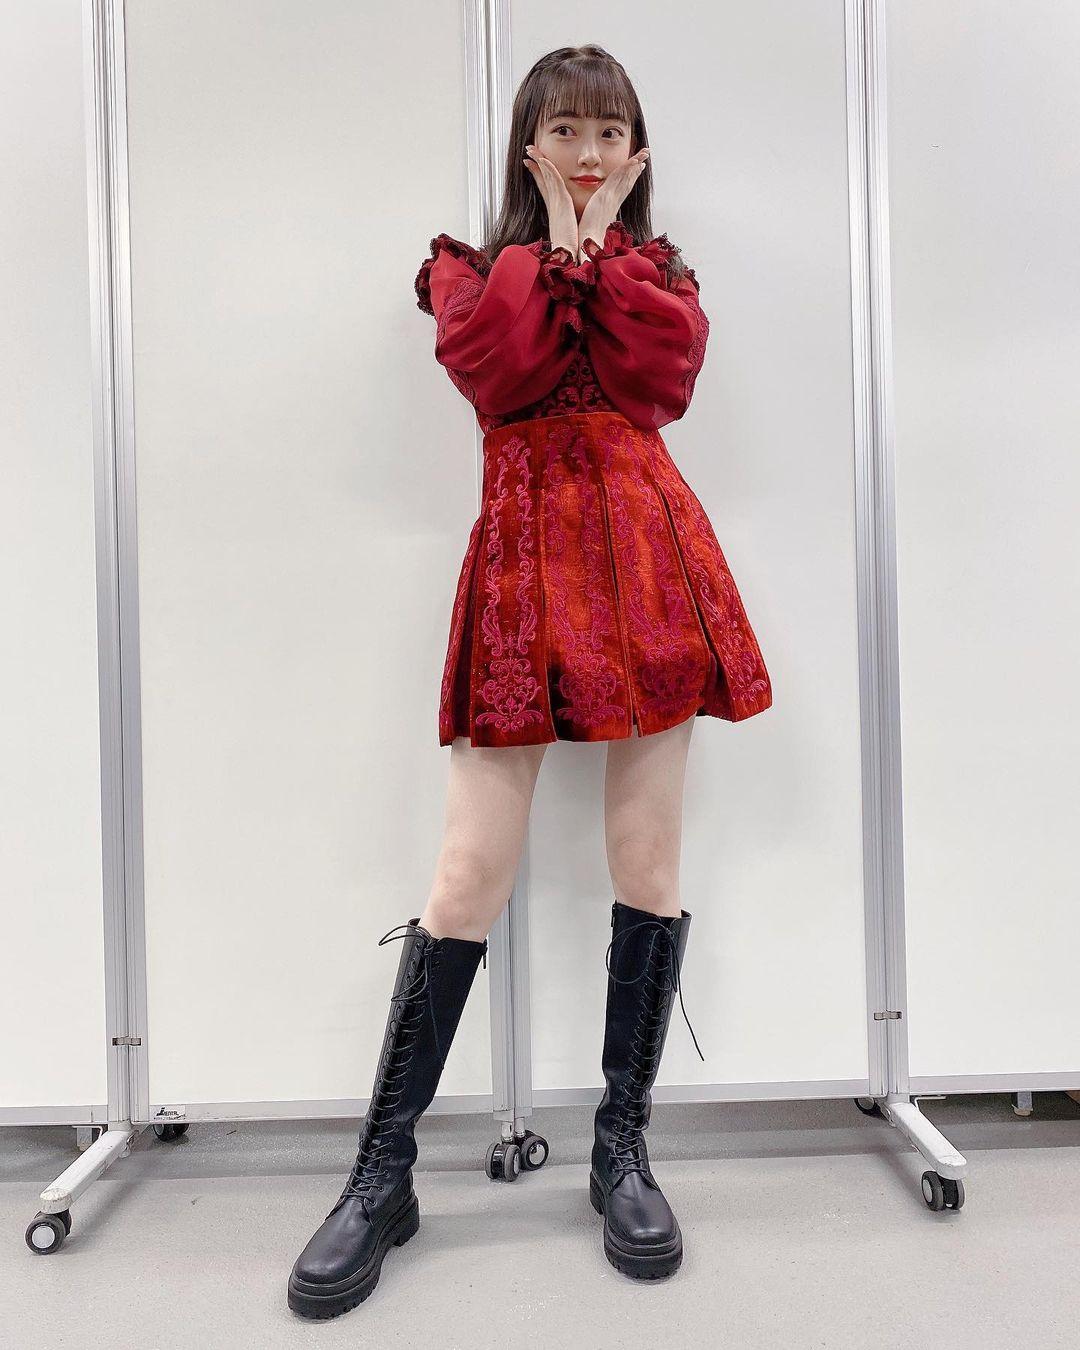 堀未央奈「新衣装でスラリ美脚披露」メンバーがたくさん褒めてくれて…【画像2枚】の画像001